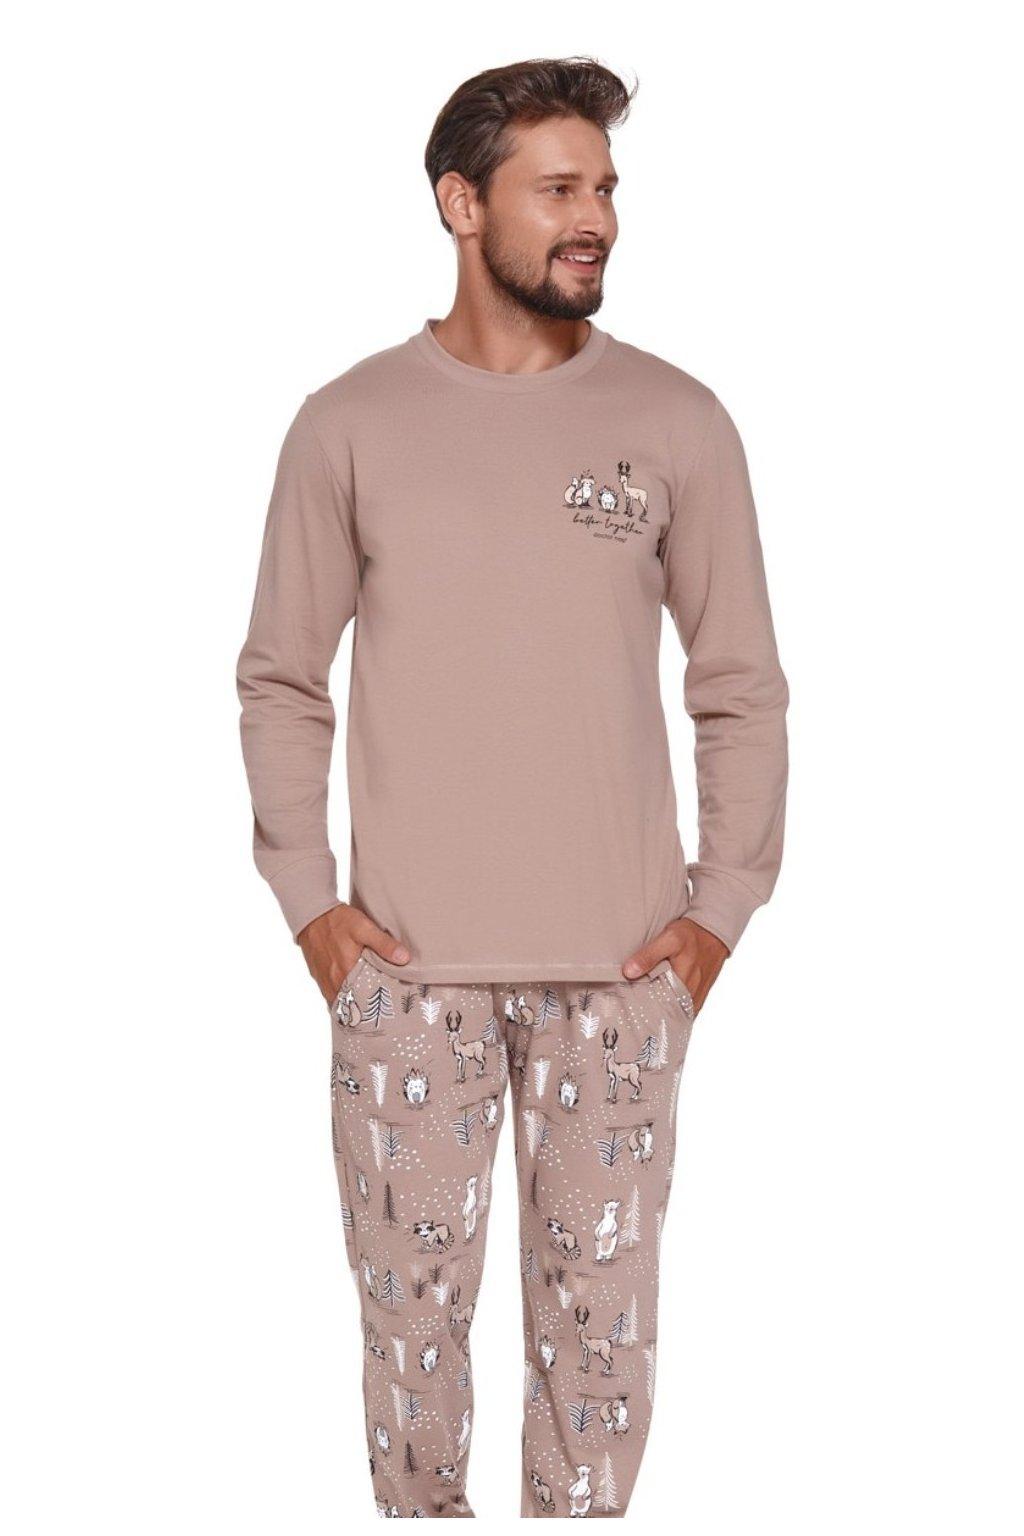 Pánské pyžamo dlouhé Doctor Nap 4329 beigePánské bavlněné pyžamo s dlouhým rukávem Doctor Nap 4329 beige.